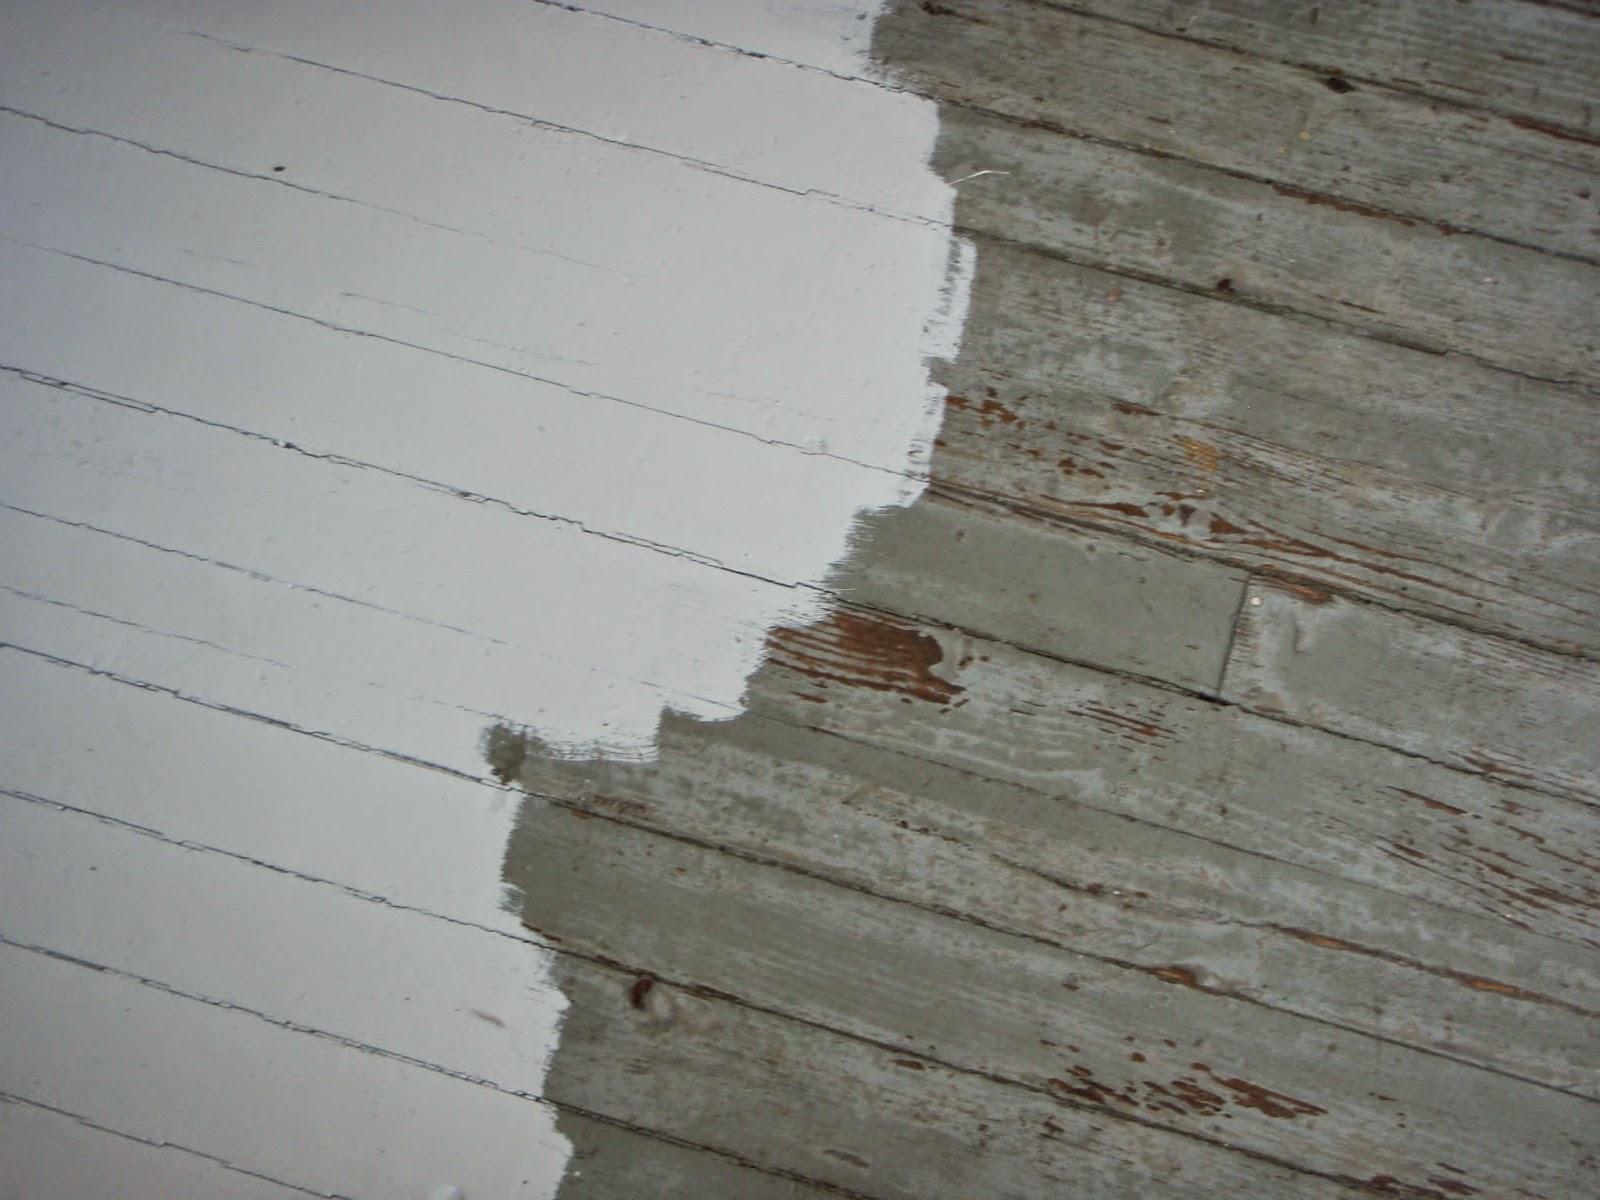 Blondi ja rintamamiestalo Pientä pintaremonttia  verannan lattia